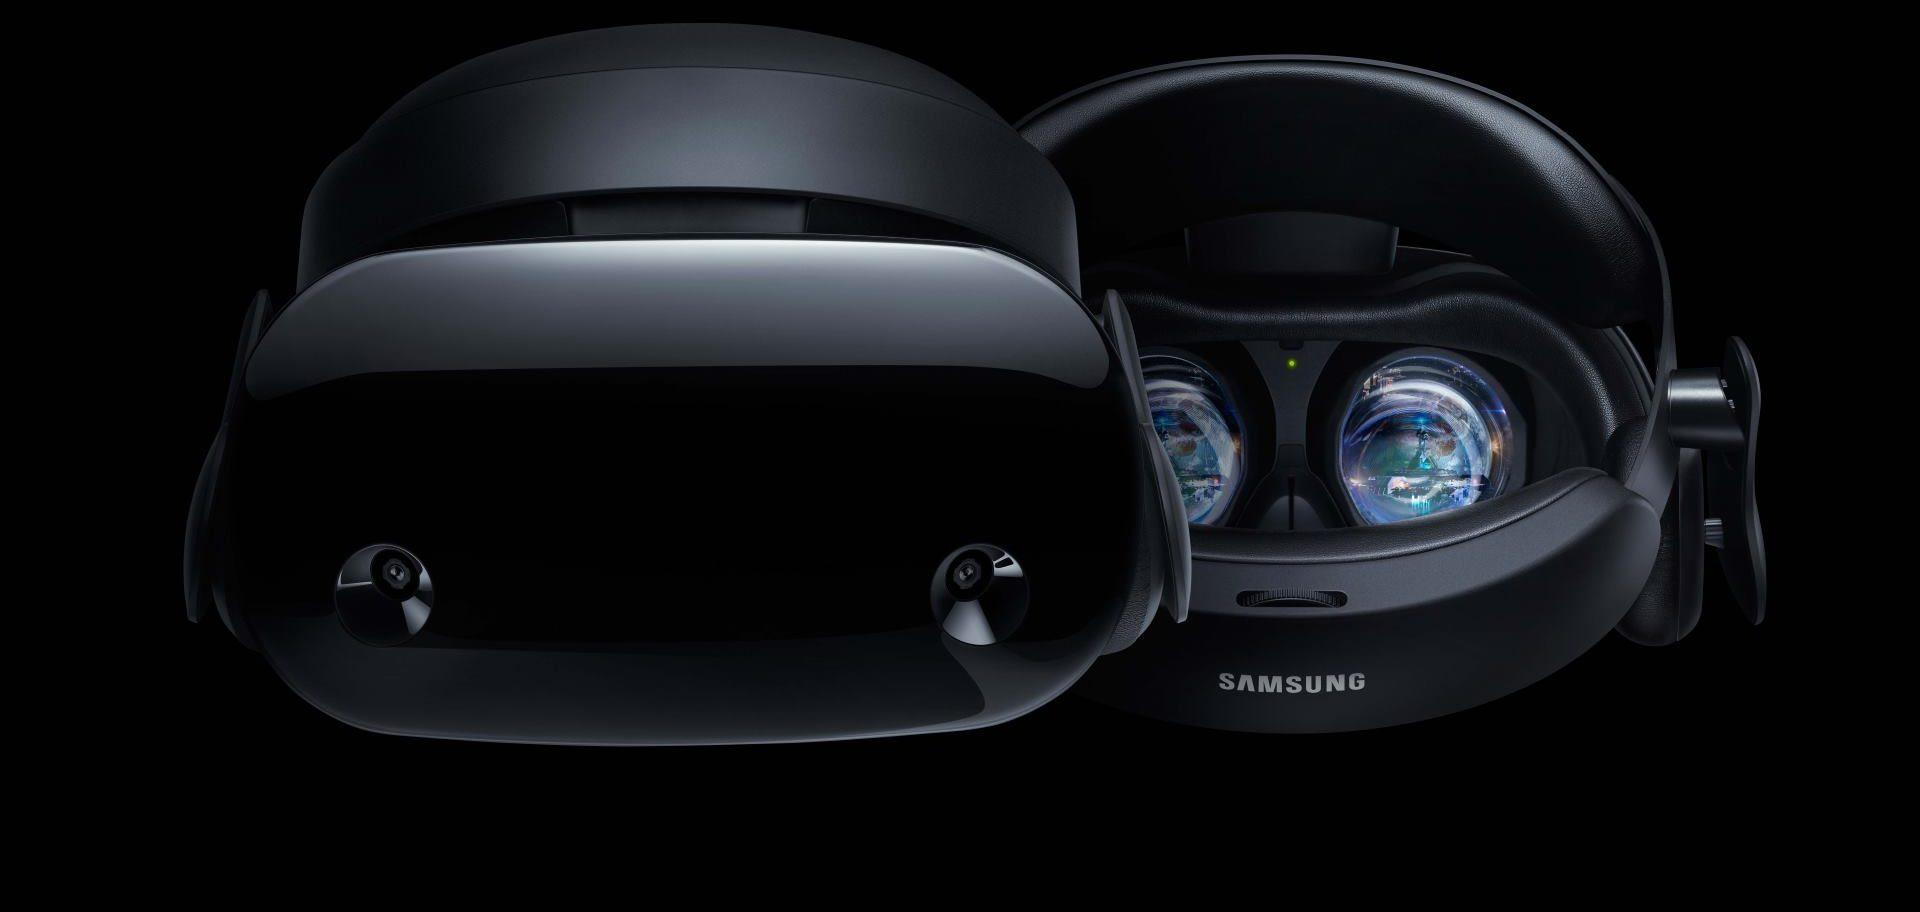 FOTO: VIDEO: Samsung HMD Odyssey predstavlja ultimativno Windows iskustvo mješovite stvarnosti